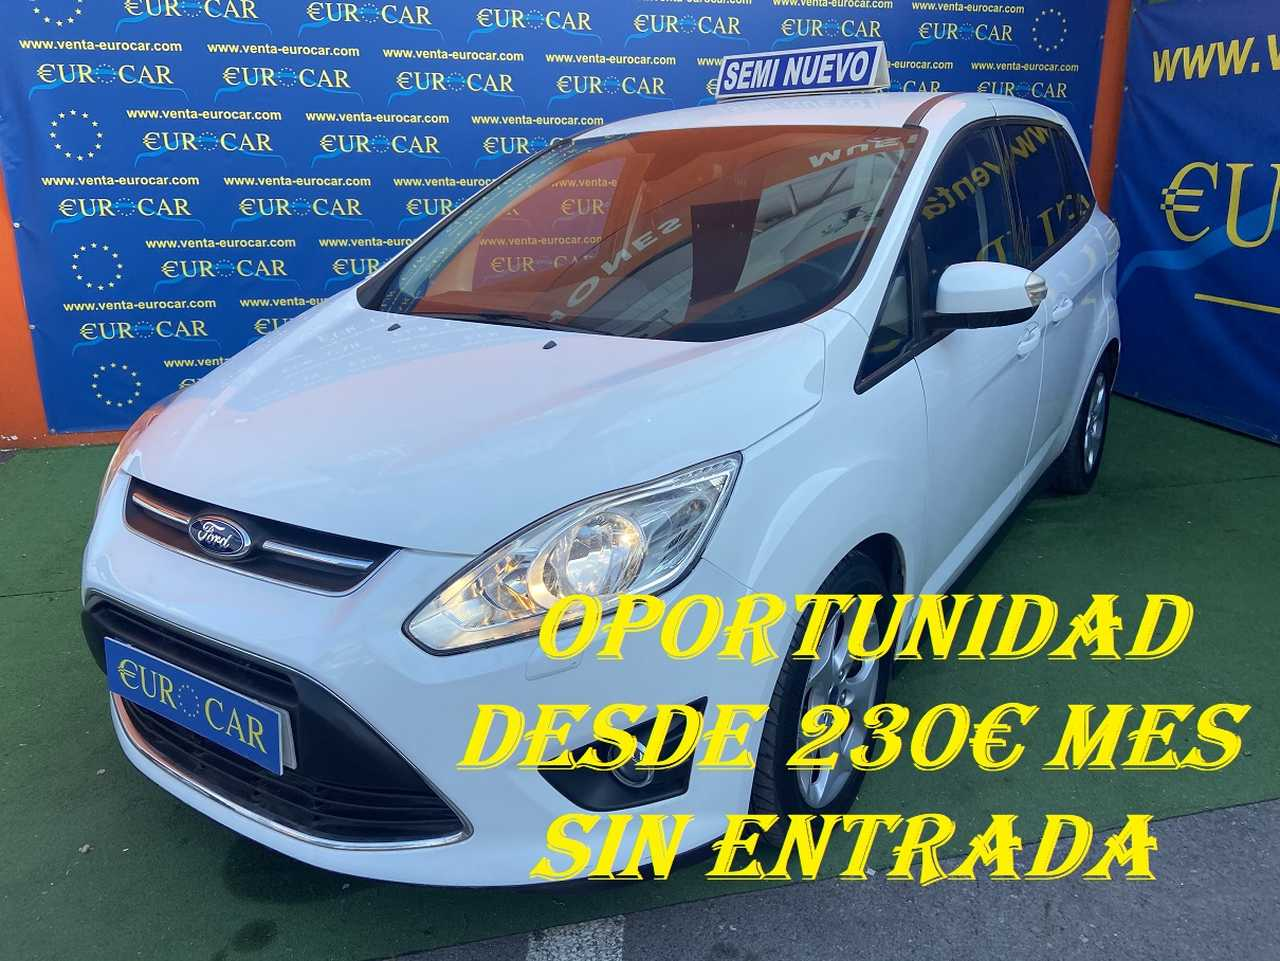 Ford Grand C-MAX ocasión segunda mano 2013 Gasolina por 7.650€ en Alicante